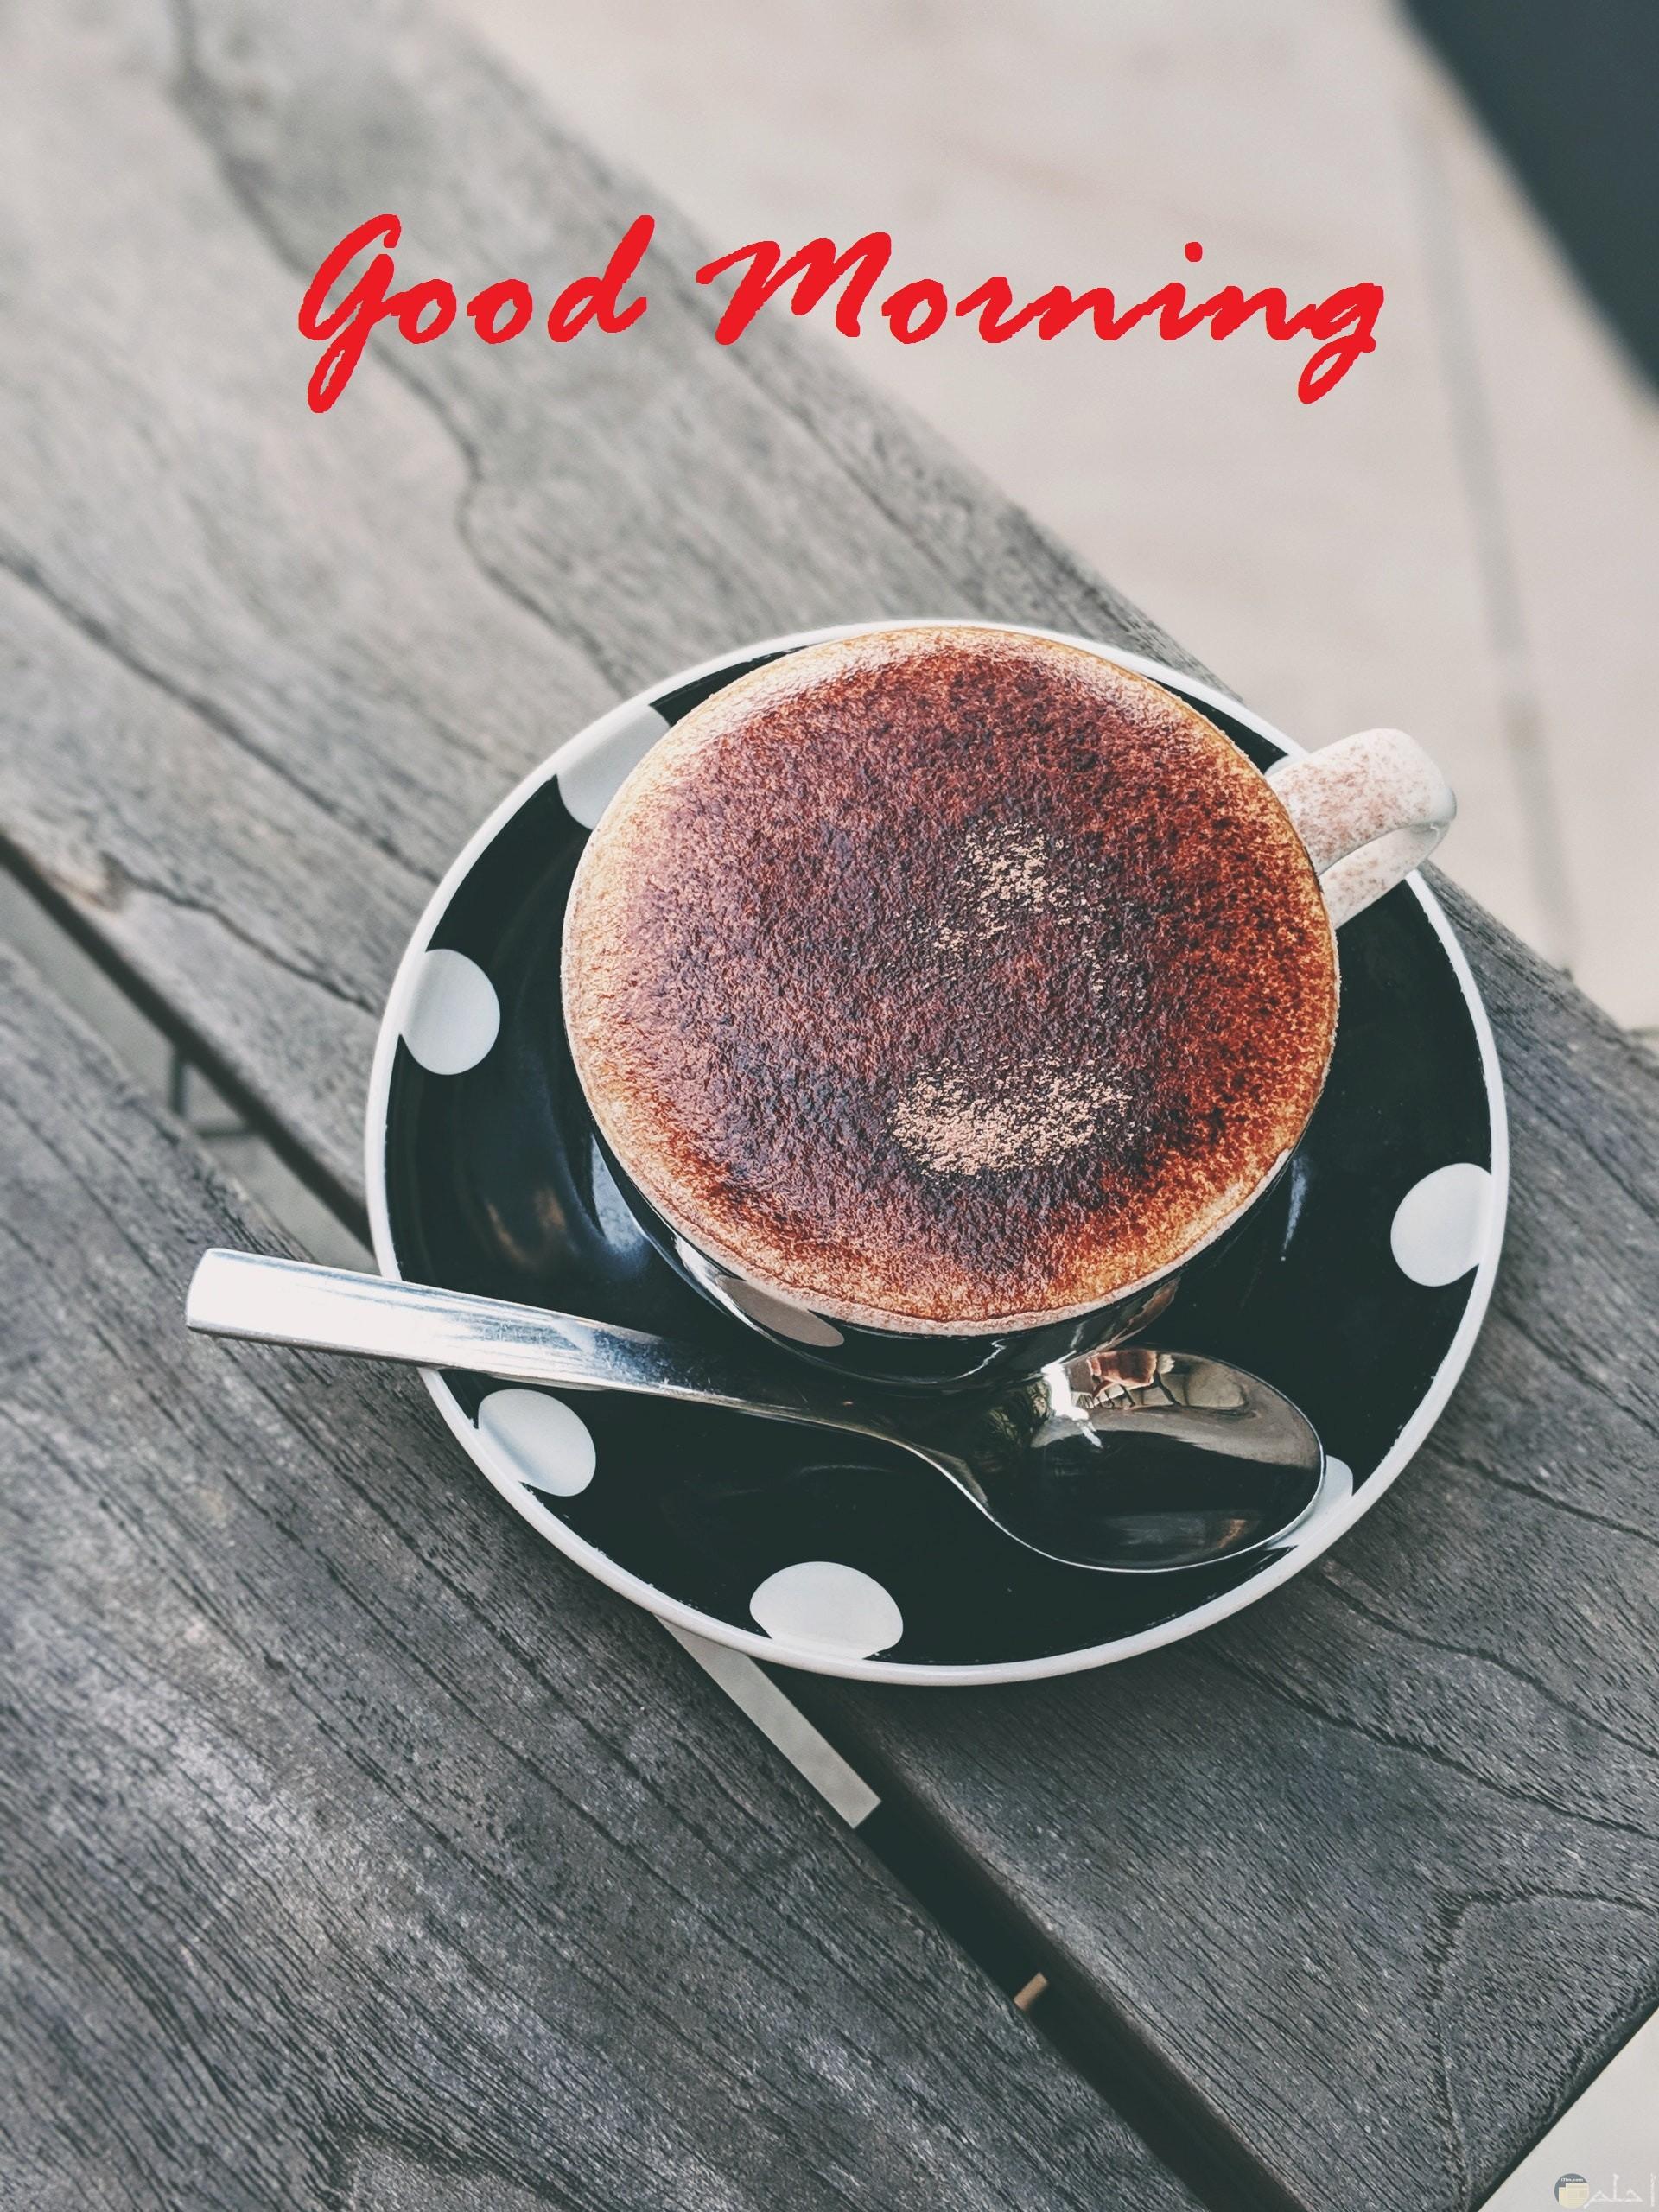 صورة تحية الصباح جميلة بالإنكليزي معها فنجان من القهوة